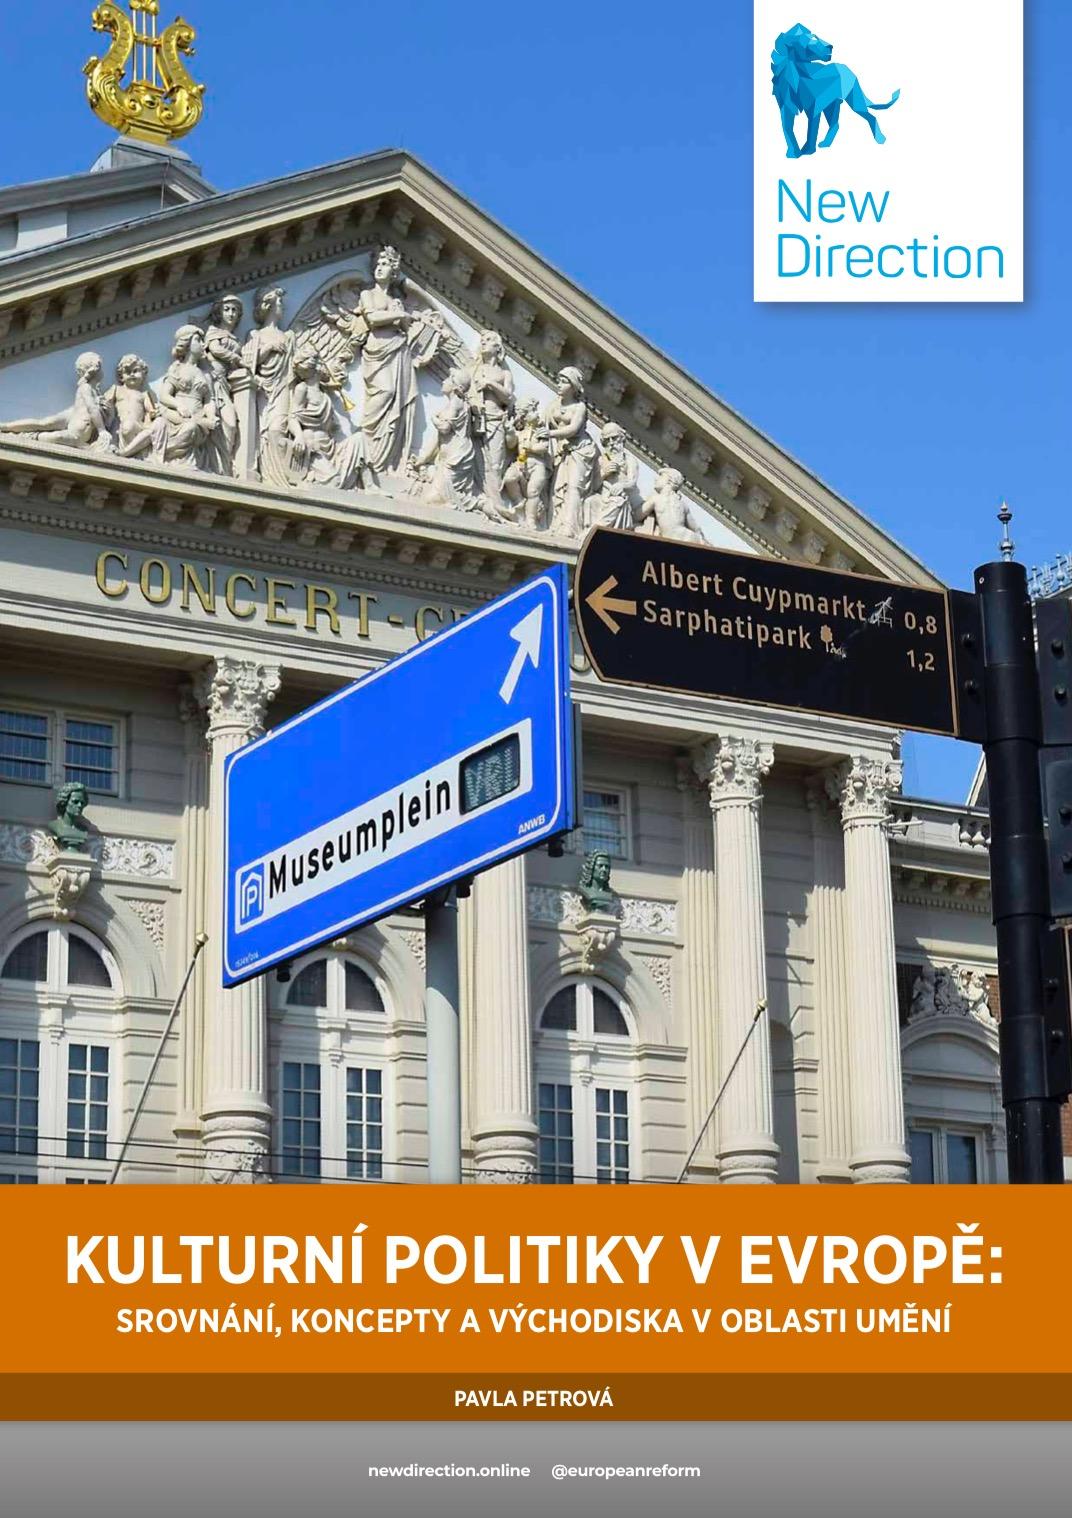 KULTURNÍ POLITIKY V EVROPĚ: SROVNÁNÍ, KONCEPTY A VÝCHODISKA V OBLASTI UMĚNÍ